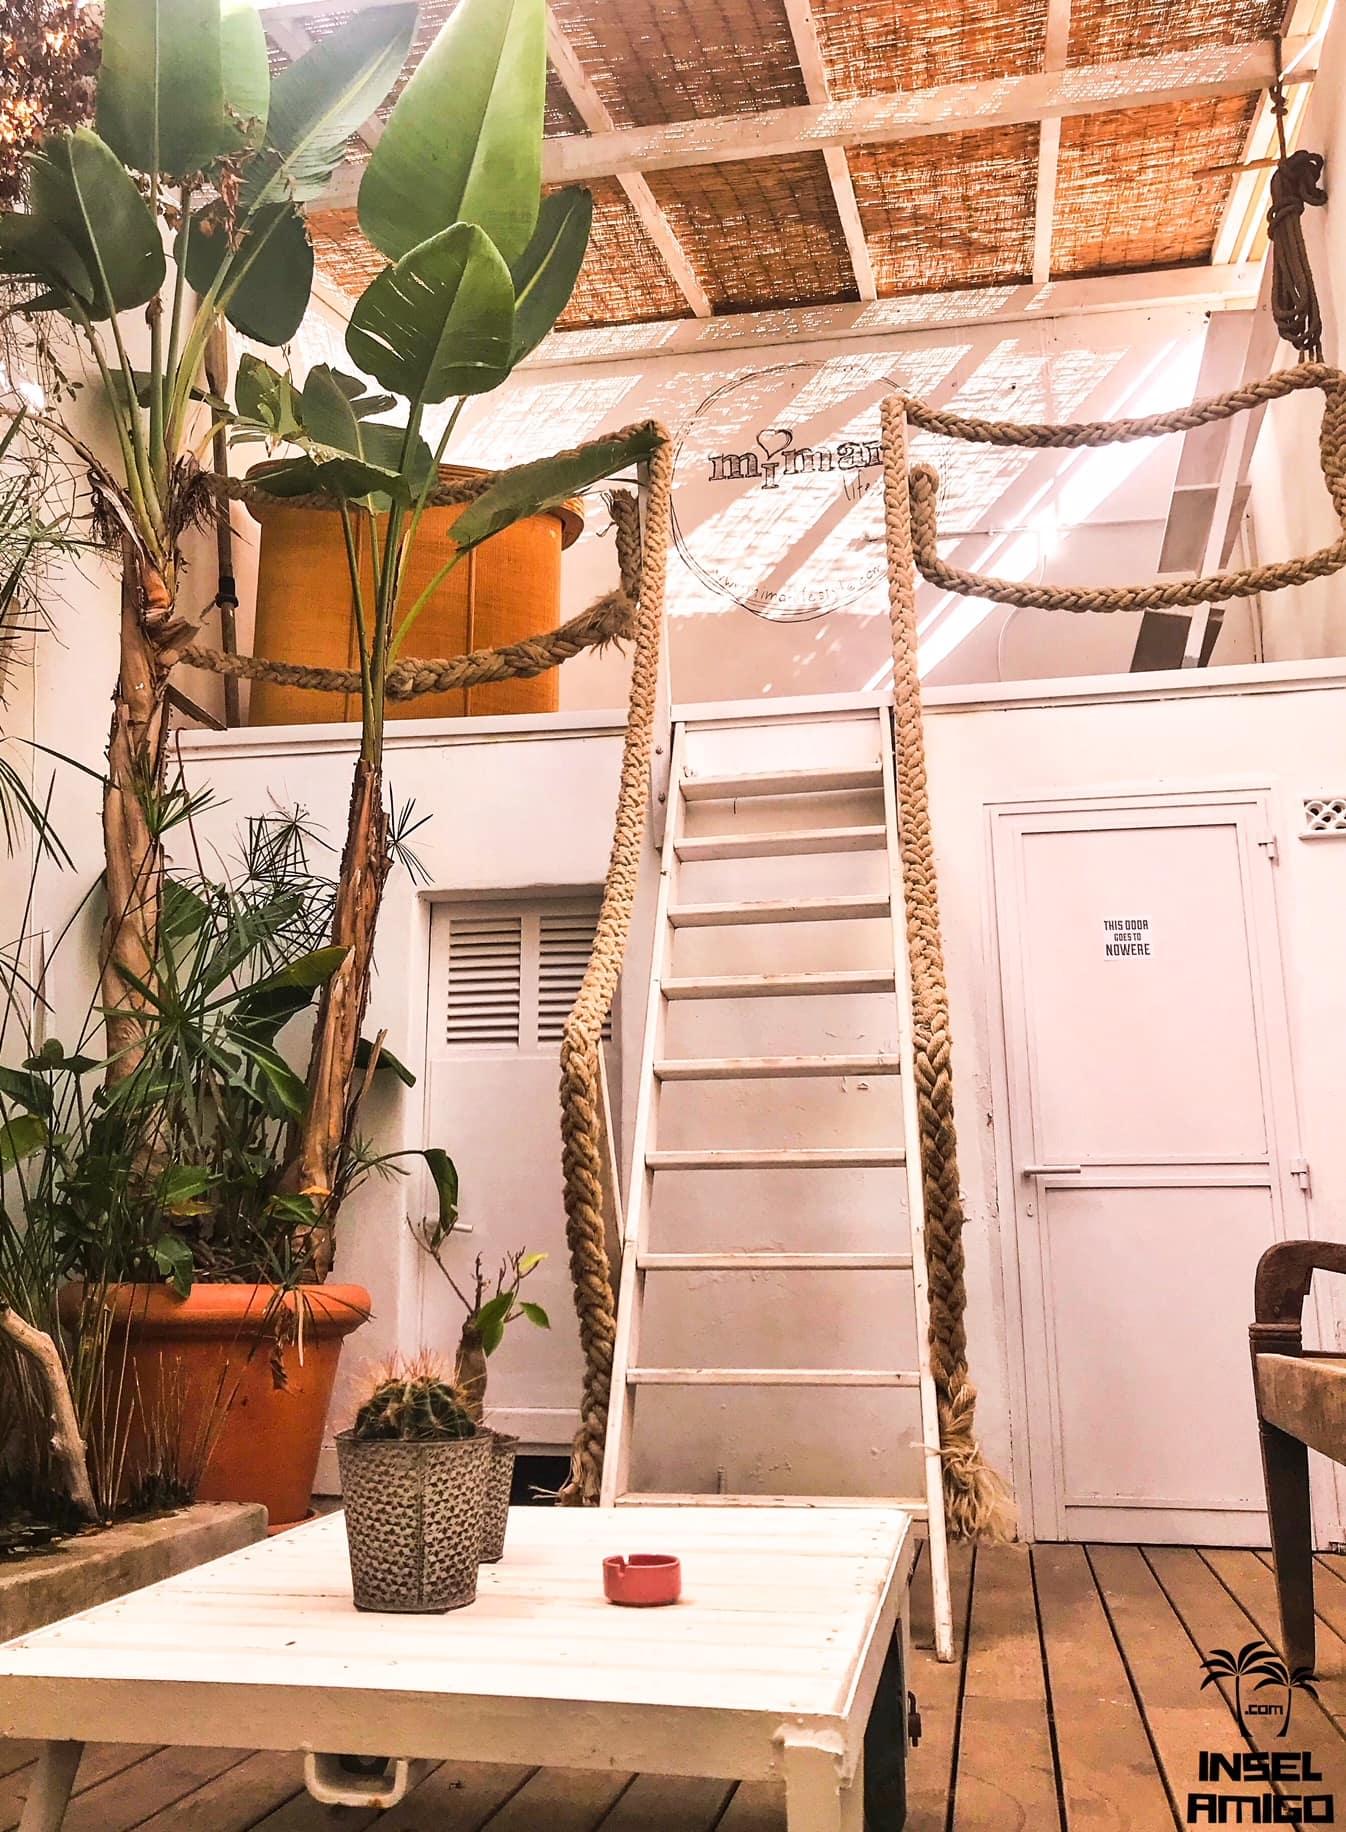 Der chillige Innenhof im mimar